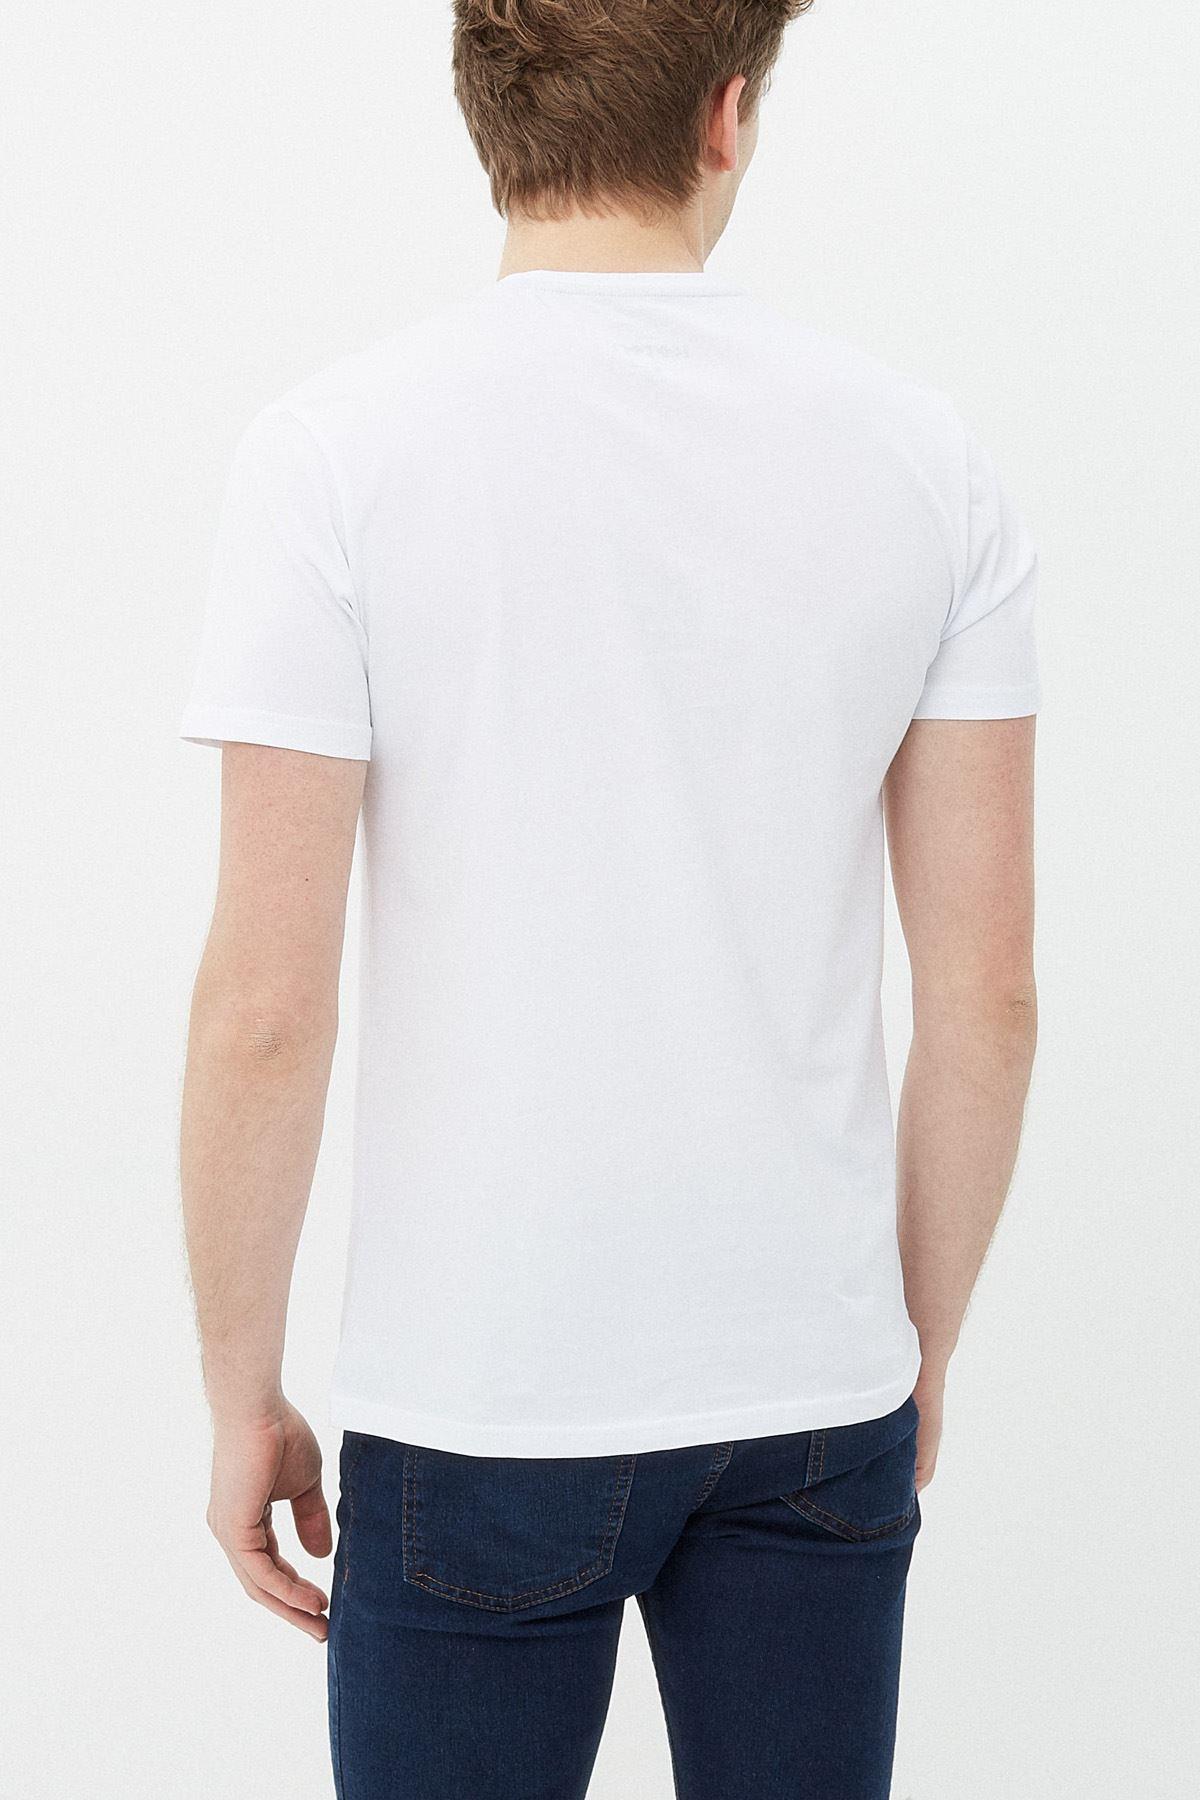 Anime Bebop Beyaz Erkek Tshirt - Tişört